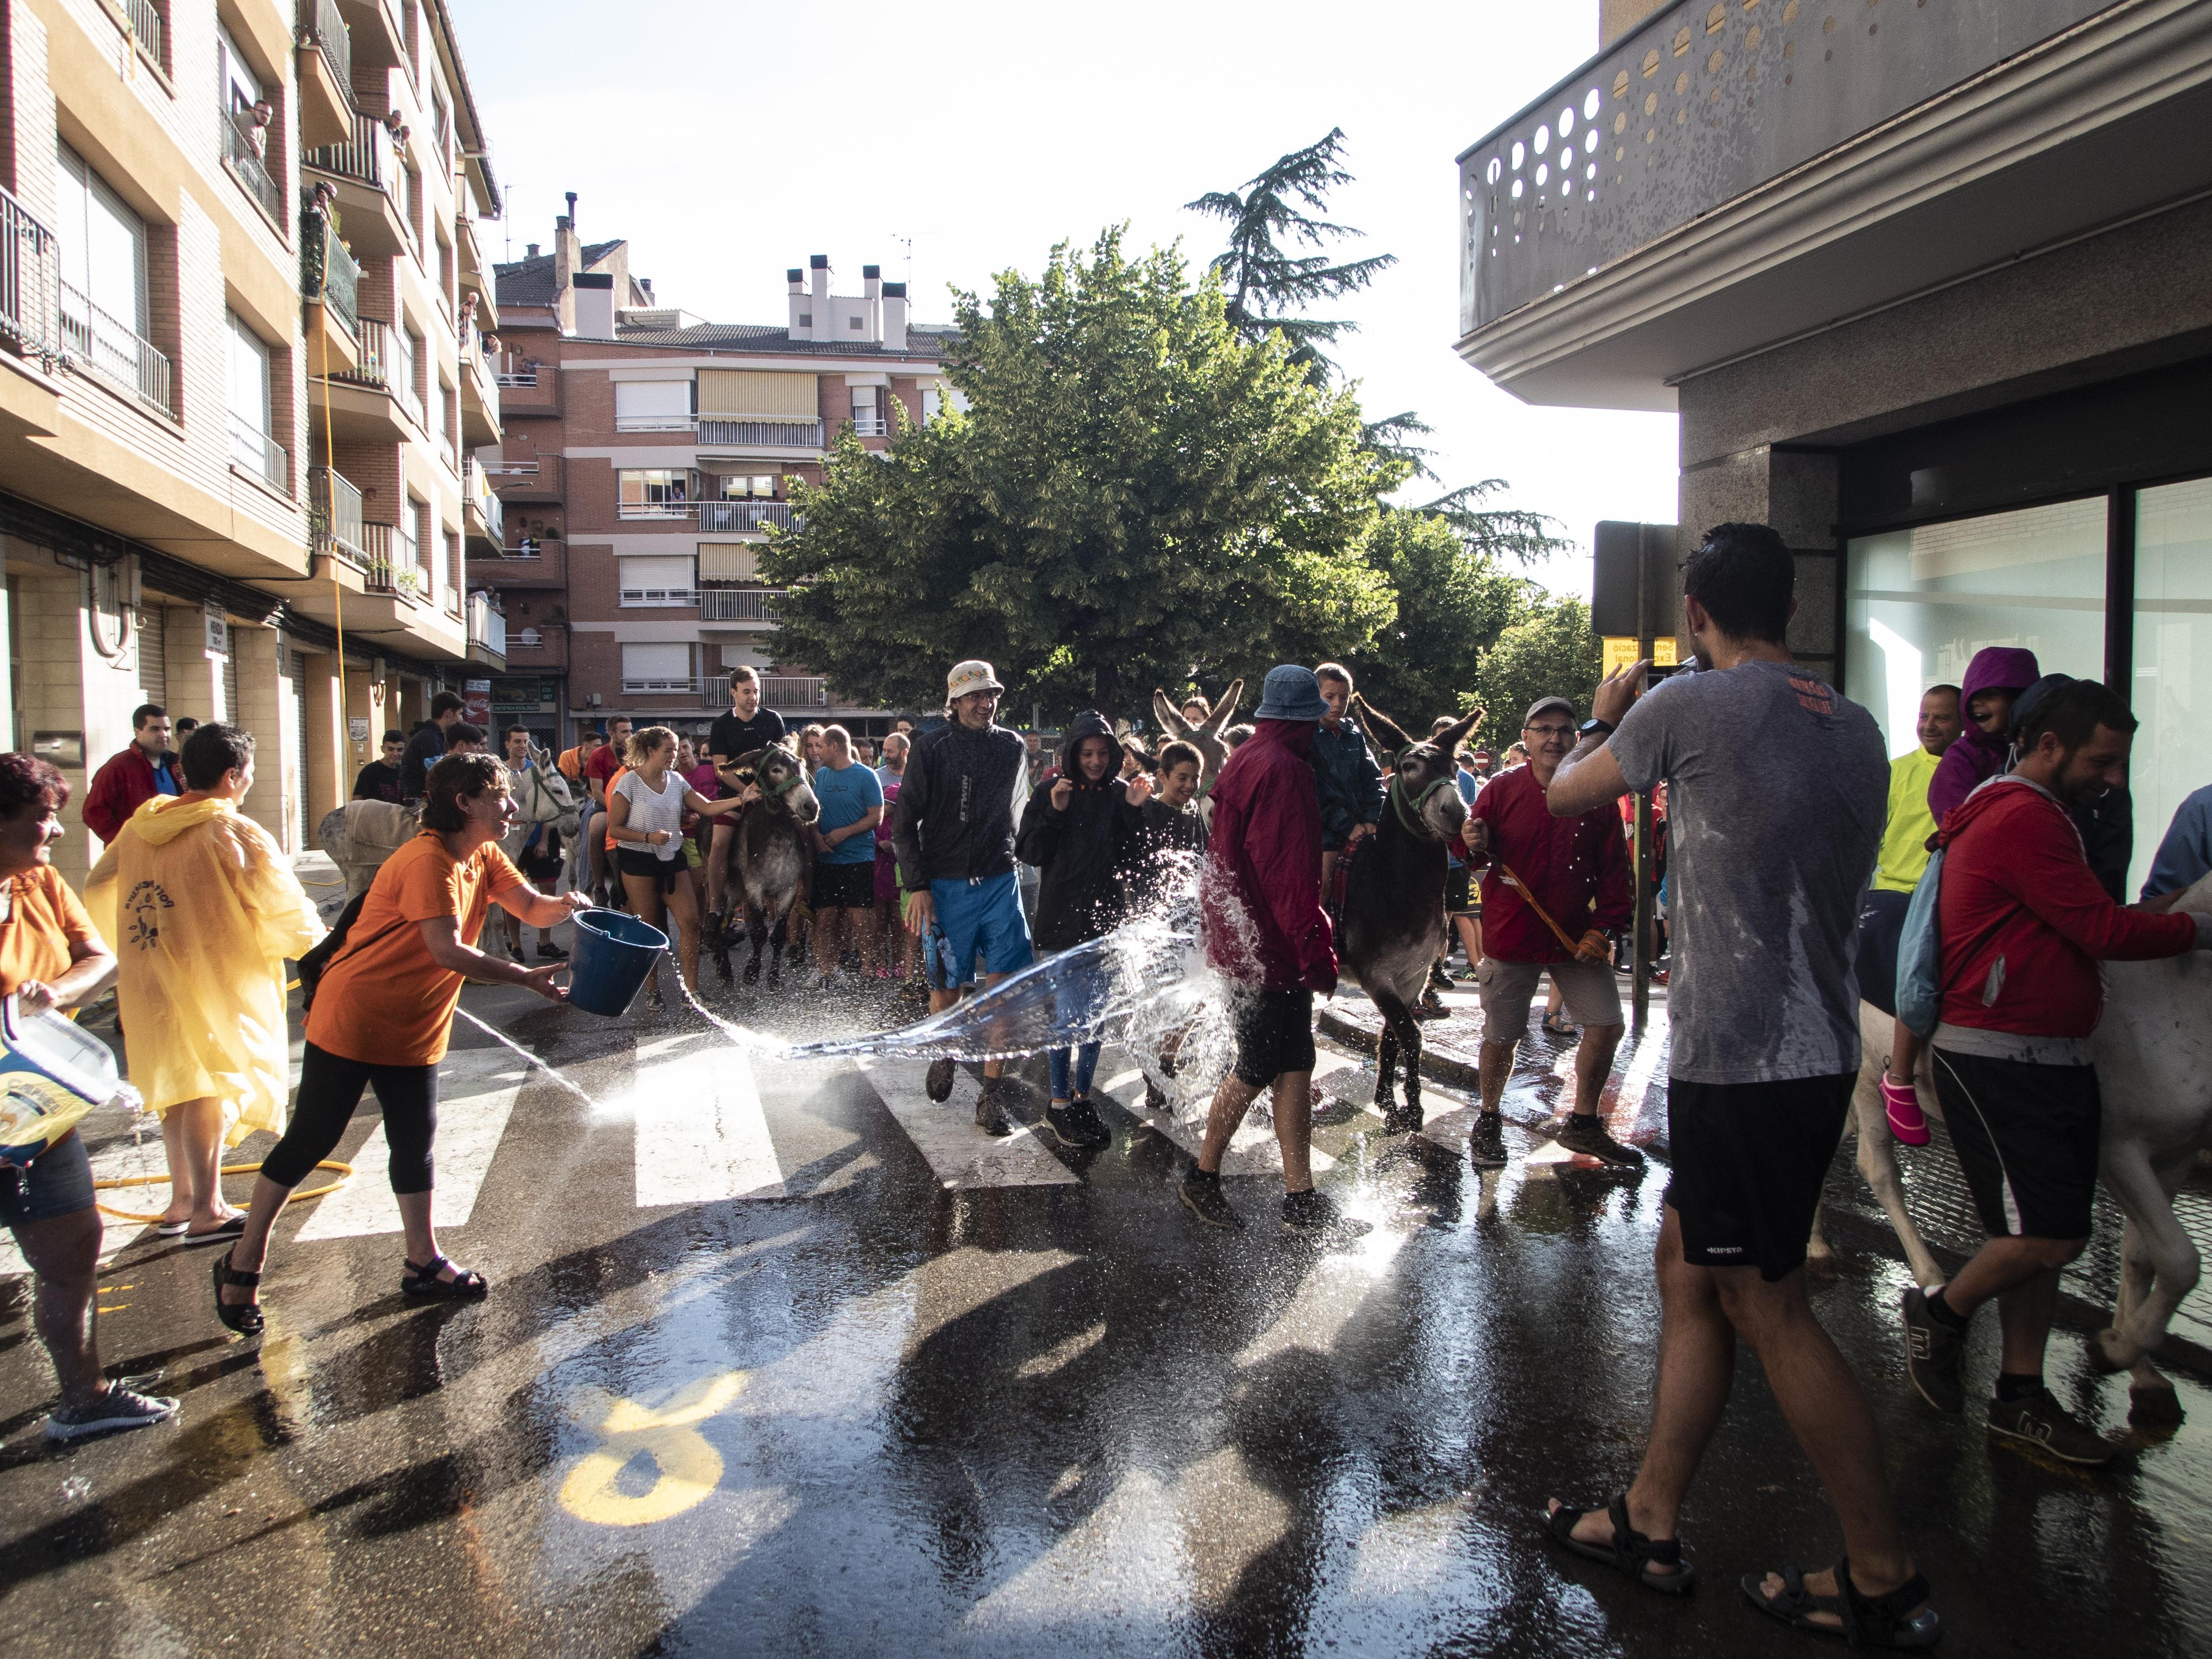 La passada de diumenge al matí s'inicia a la Plaça de la Font del Ros. FOTO: Anna E. Puig